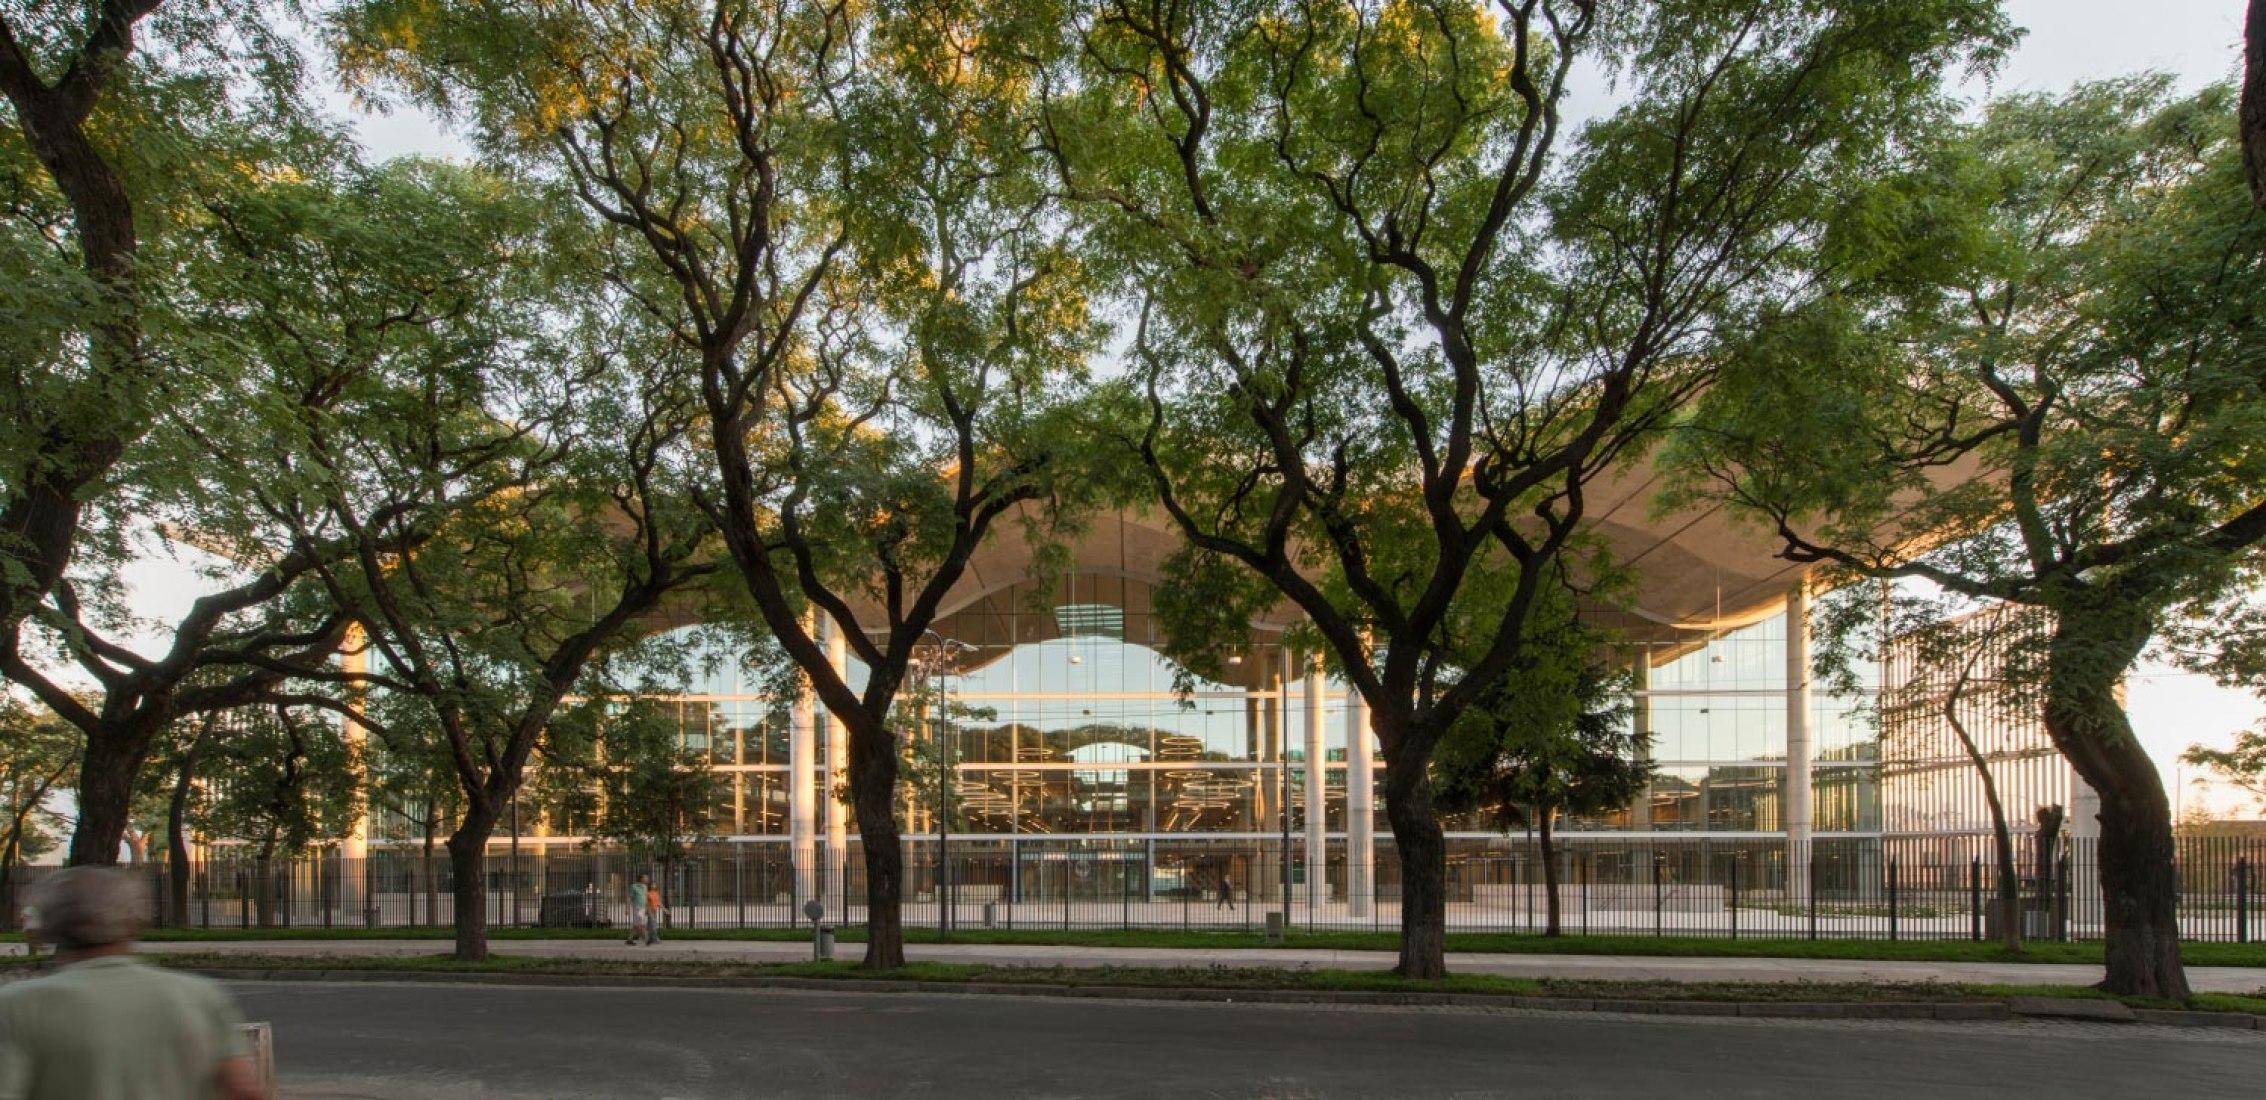 Nuevo Ayuntamiento en Buenos Aires por Foster + Partners. Imagen cortesía de Foster + Partners.